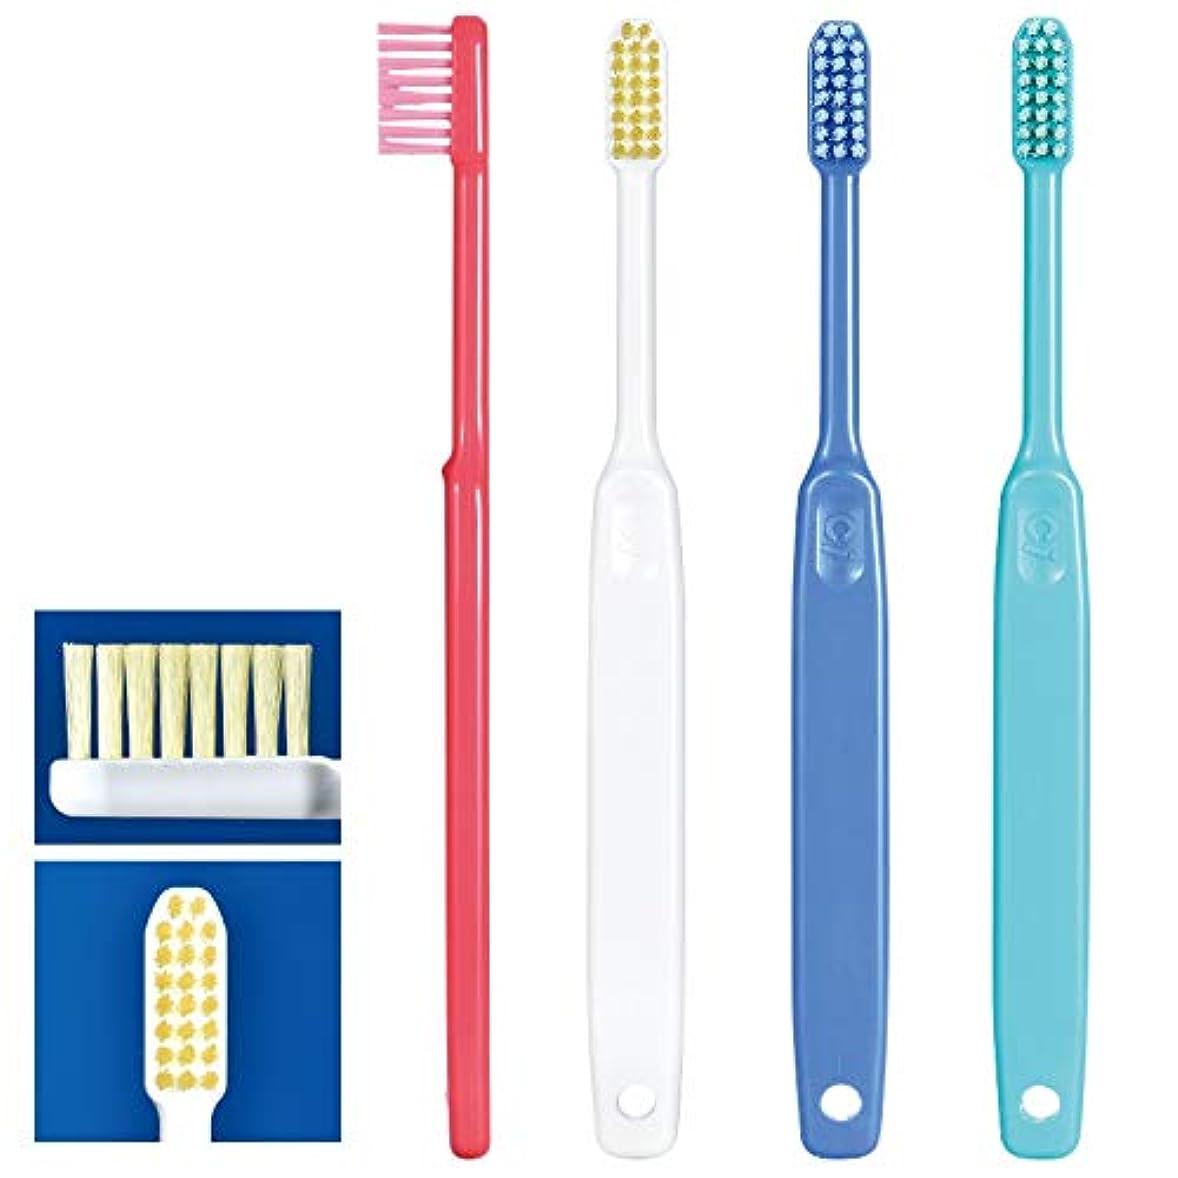 からに変化するスロベニア歯科医Ci20カラー歯ブラシ 20本 MS(やややわらかめ) 日本製 カラー毛 高密度植毛 歯科専売品